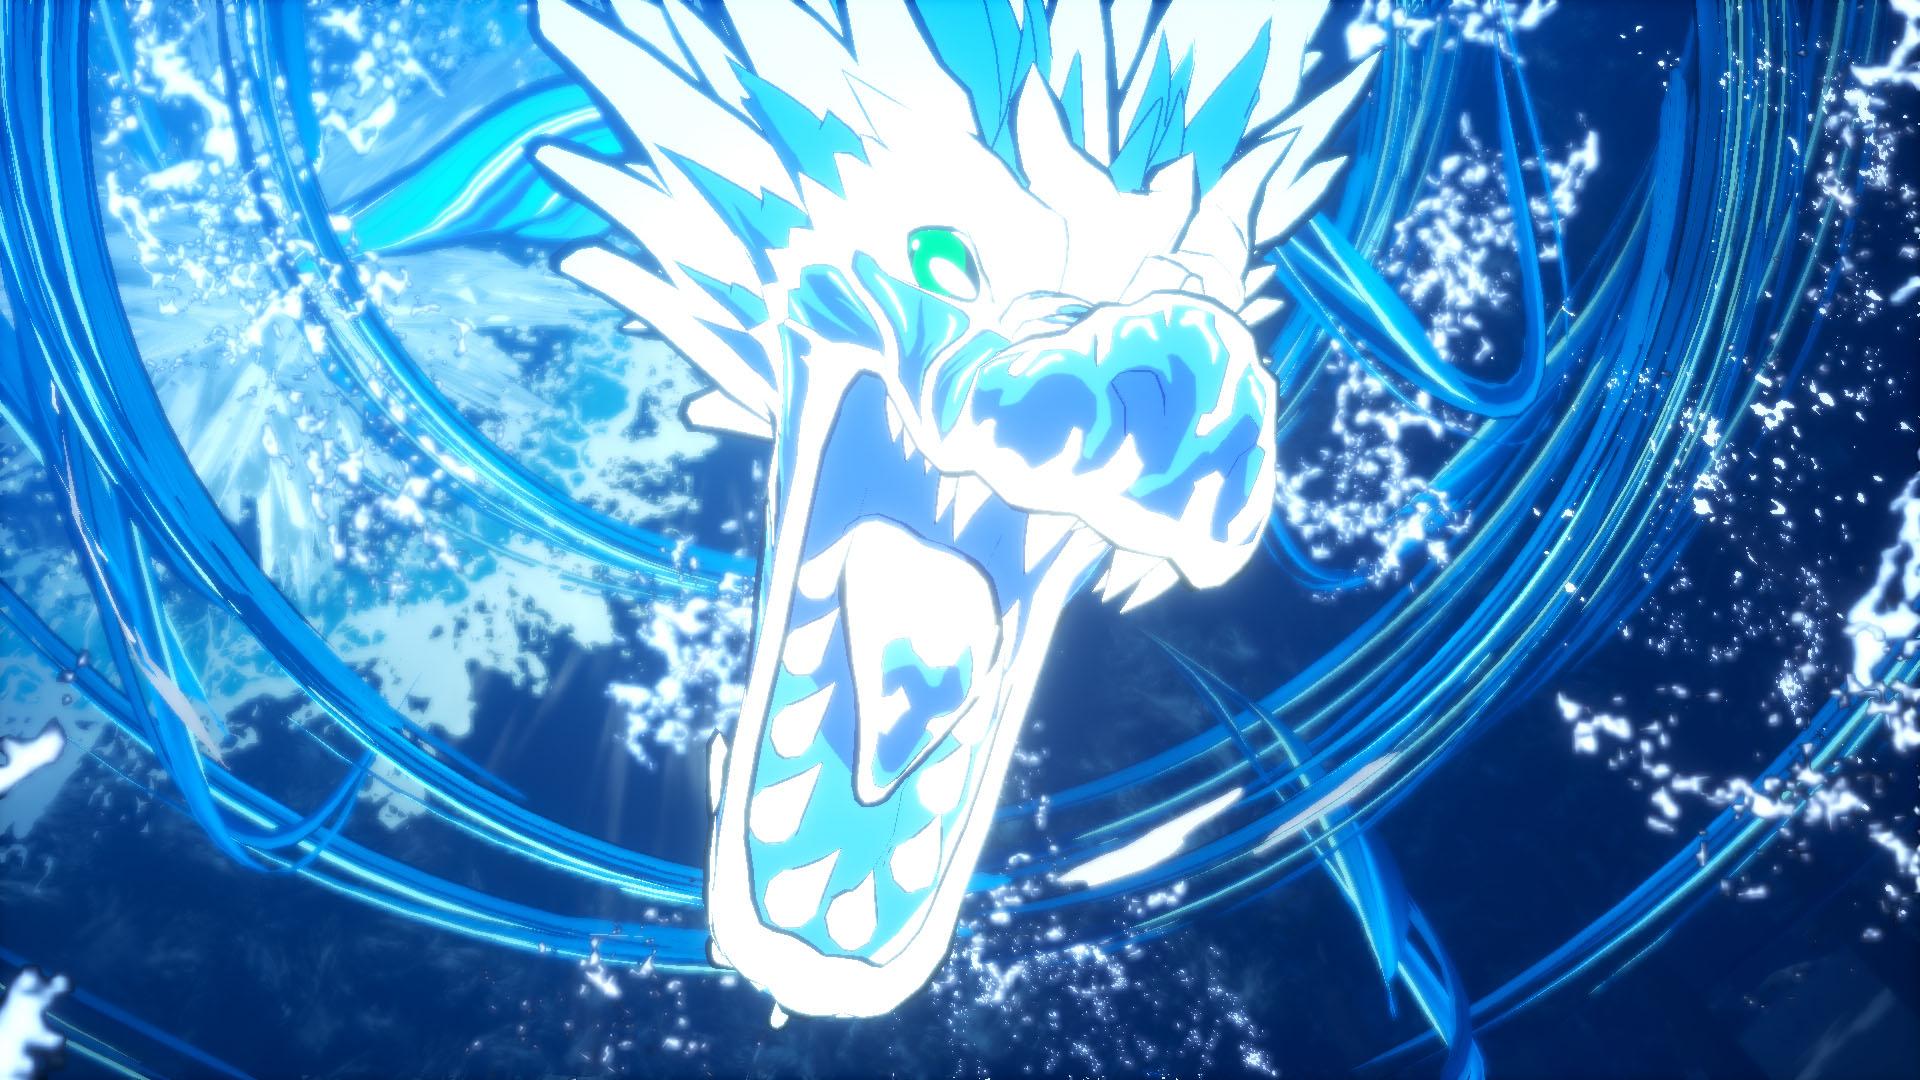 Demon Slayer Kimetsu no Yaiba Hinokami Keppuutan Screen 4